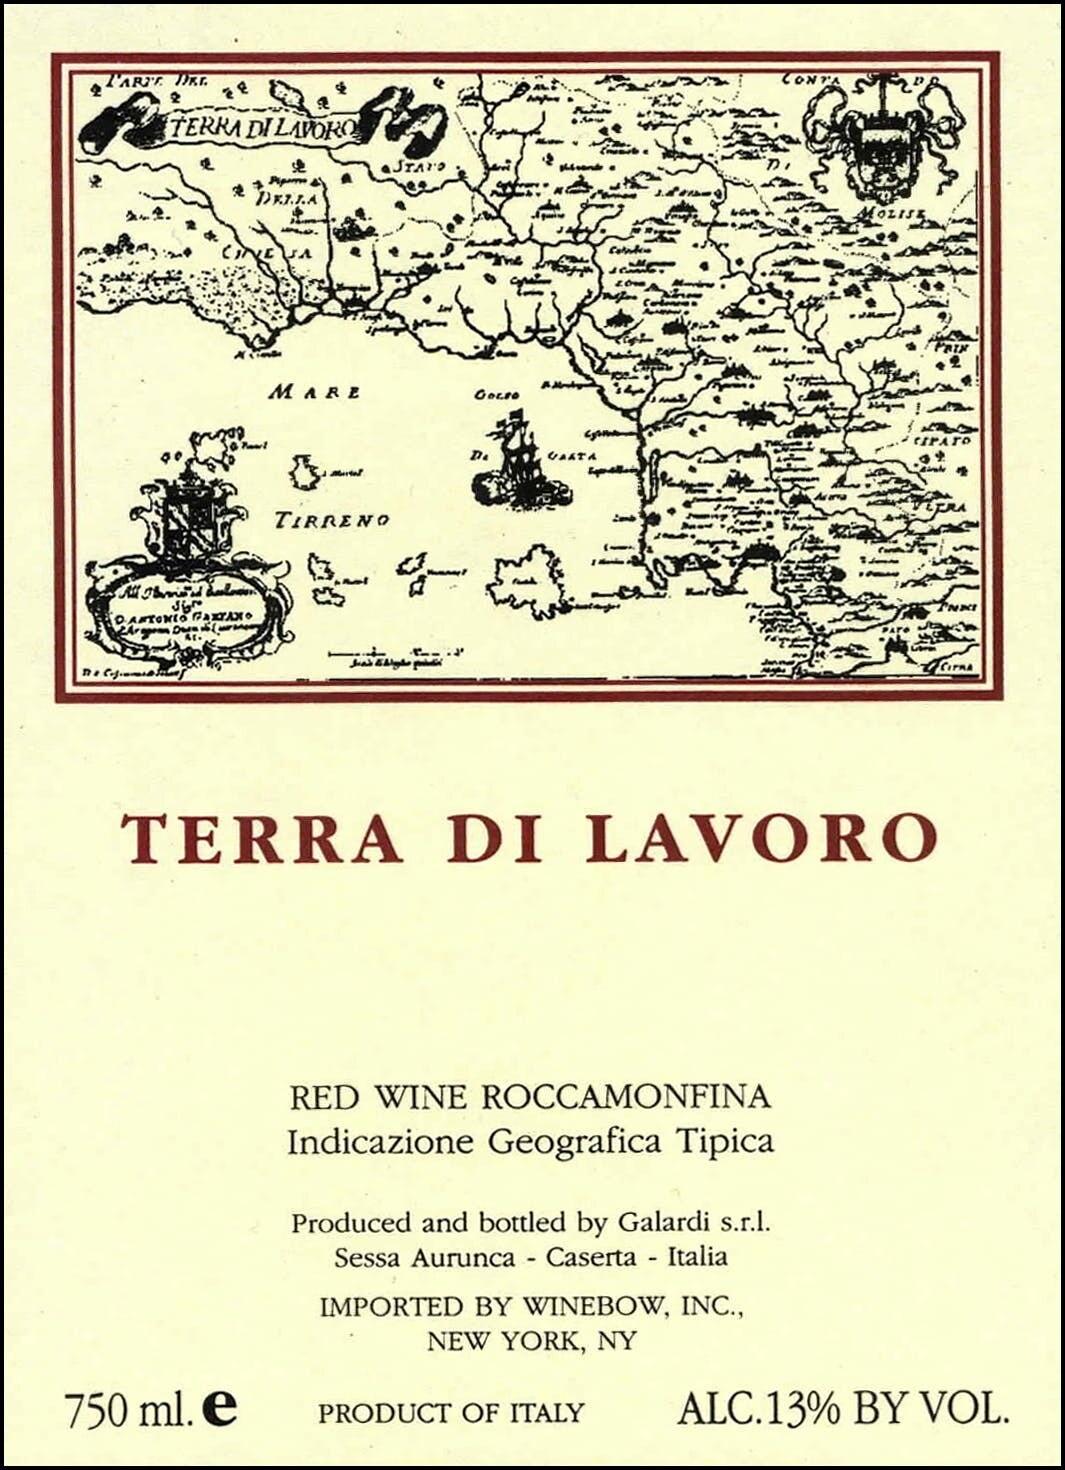 Fattoria Galardi Terra di Lavoro Roccamonfina 2003